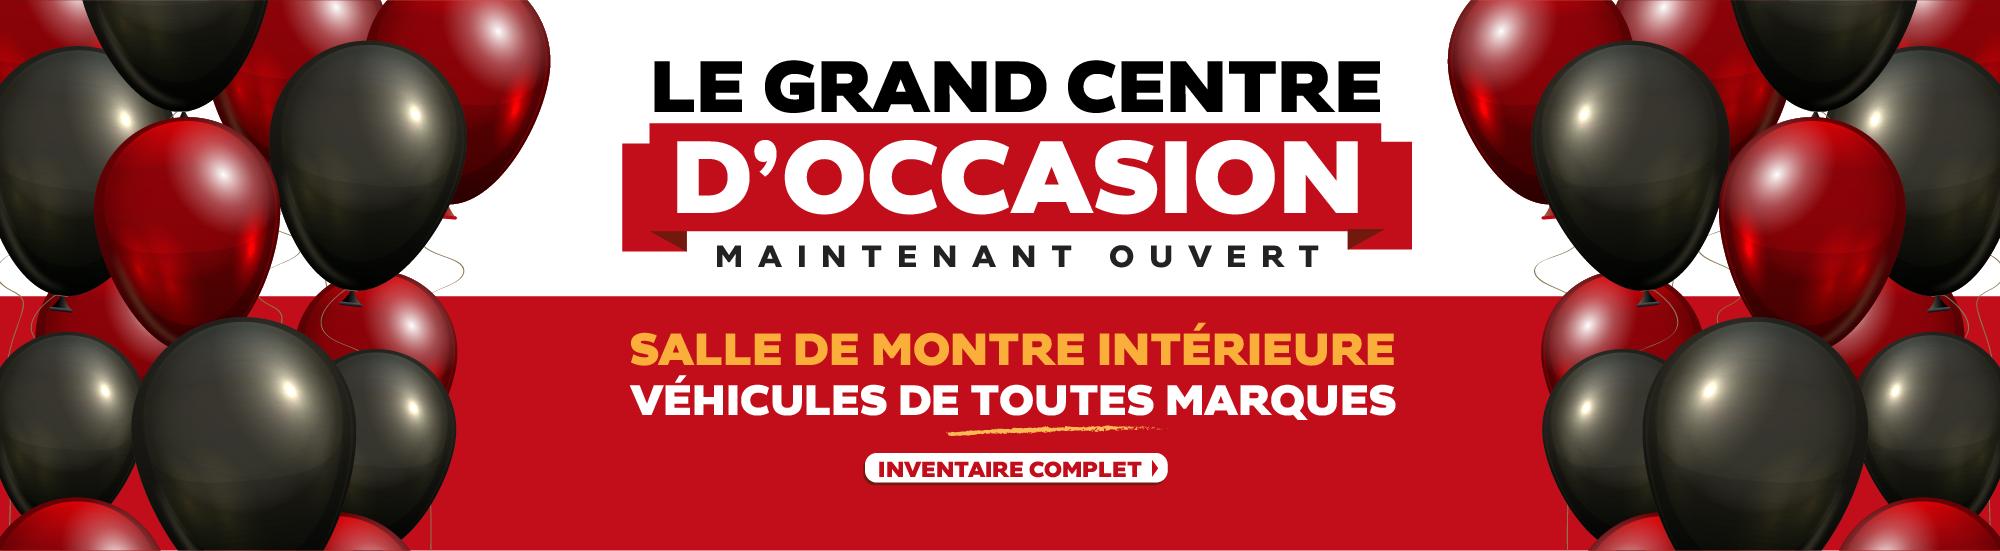 GRAND CENTRE D'OCCASION